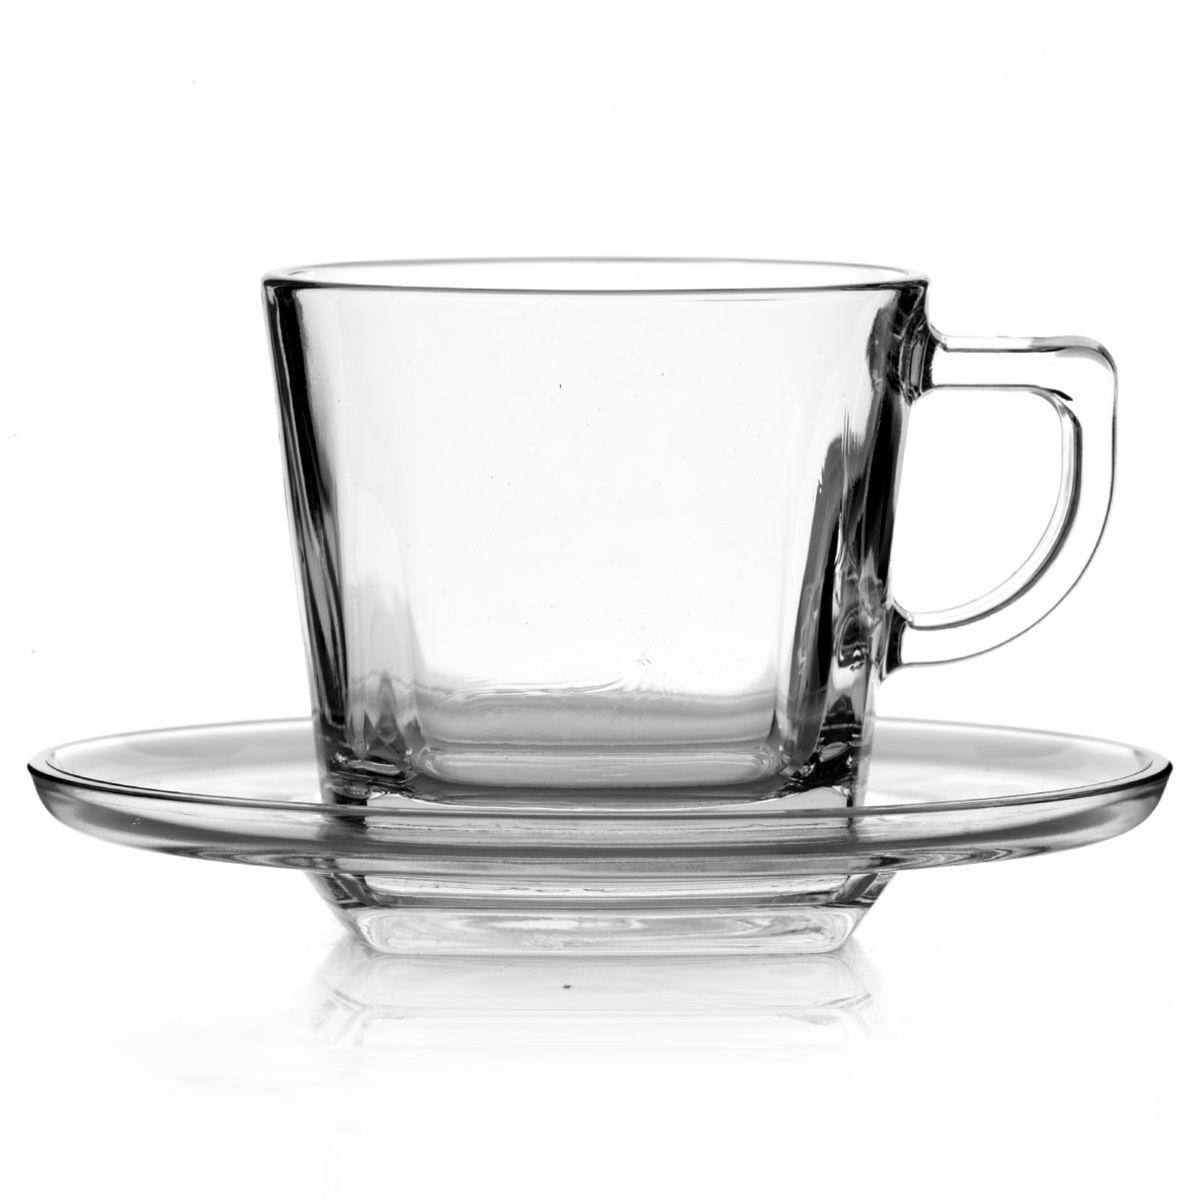 Набор чайный Pasabahce Baltic, цвет: прозрачный, 12 предметов95307BЧайный набор Pasabahce Baltic состоит из шести чашек и шести блюдец. Предметы набора изготовлены из прочного натрий-кальций-силикатного стекла. Необычная форма изделий делает этот набор оригинальным, не похожим на множество других. Изящный чайный набор великолепно украсит стол к чаепитию и порадует вас и ваших гостей ярким дизайном и качеством исполнения.Диаметр чашки (по верхнему краю): 7,5 см.Высота чашки: 7 см.Объем чашки: 215 мл.Количество чашек: 6 шт.Размер блюдца: 13 см х 13 см х 2 см.Количество блюдец: 6 шт.